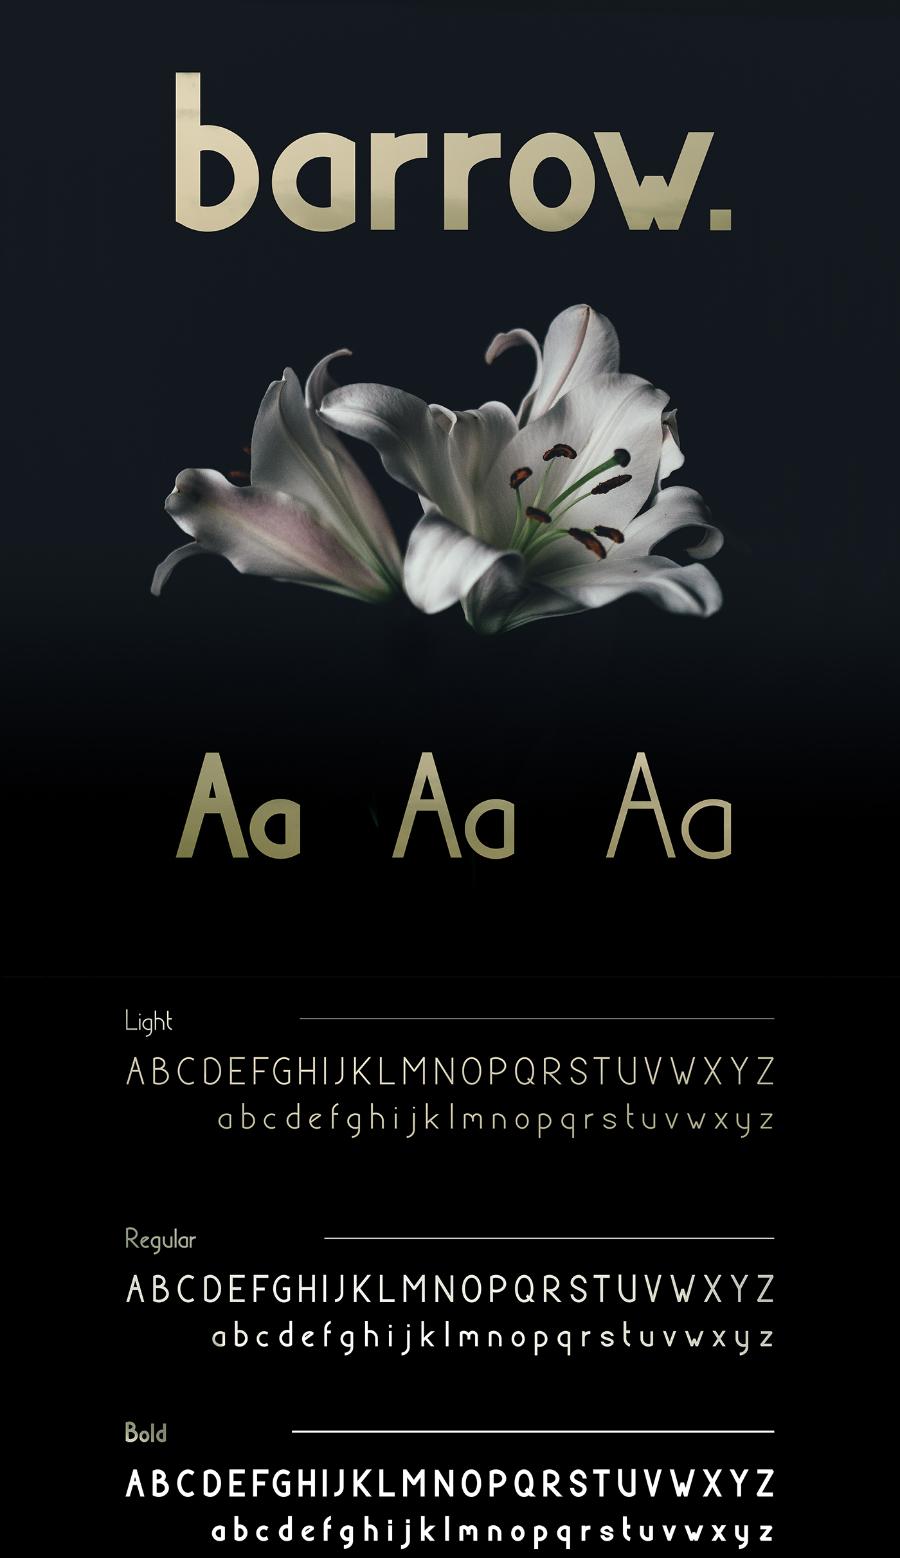 Szonja-Balint_Barrow-free-typeface_240517_prev01